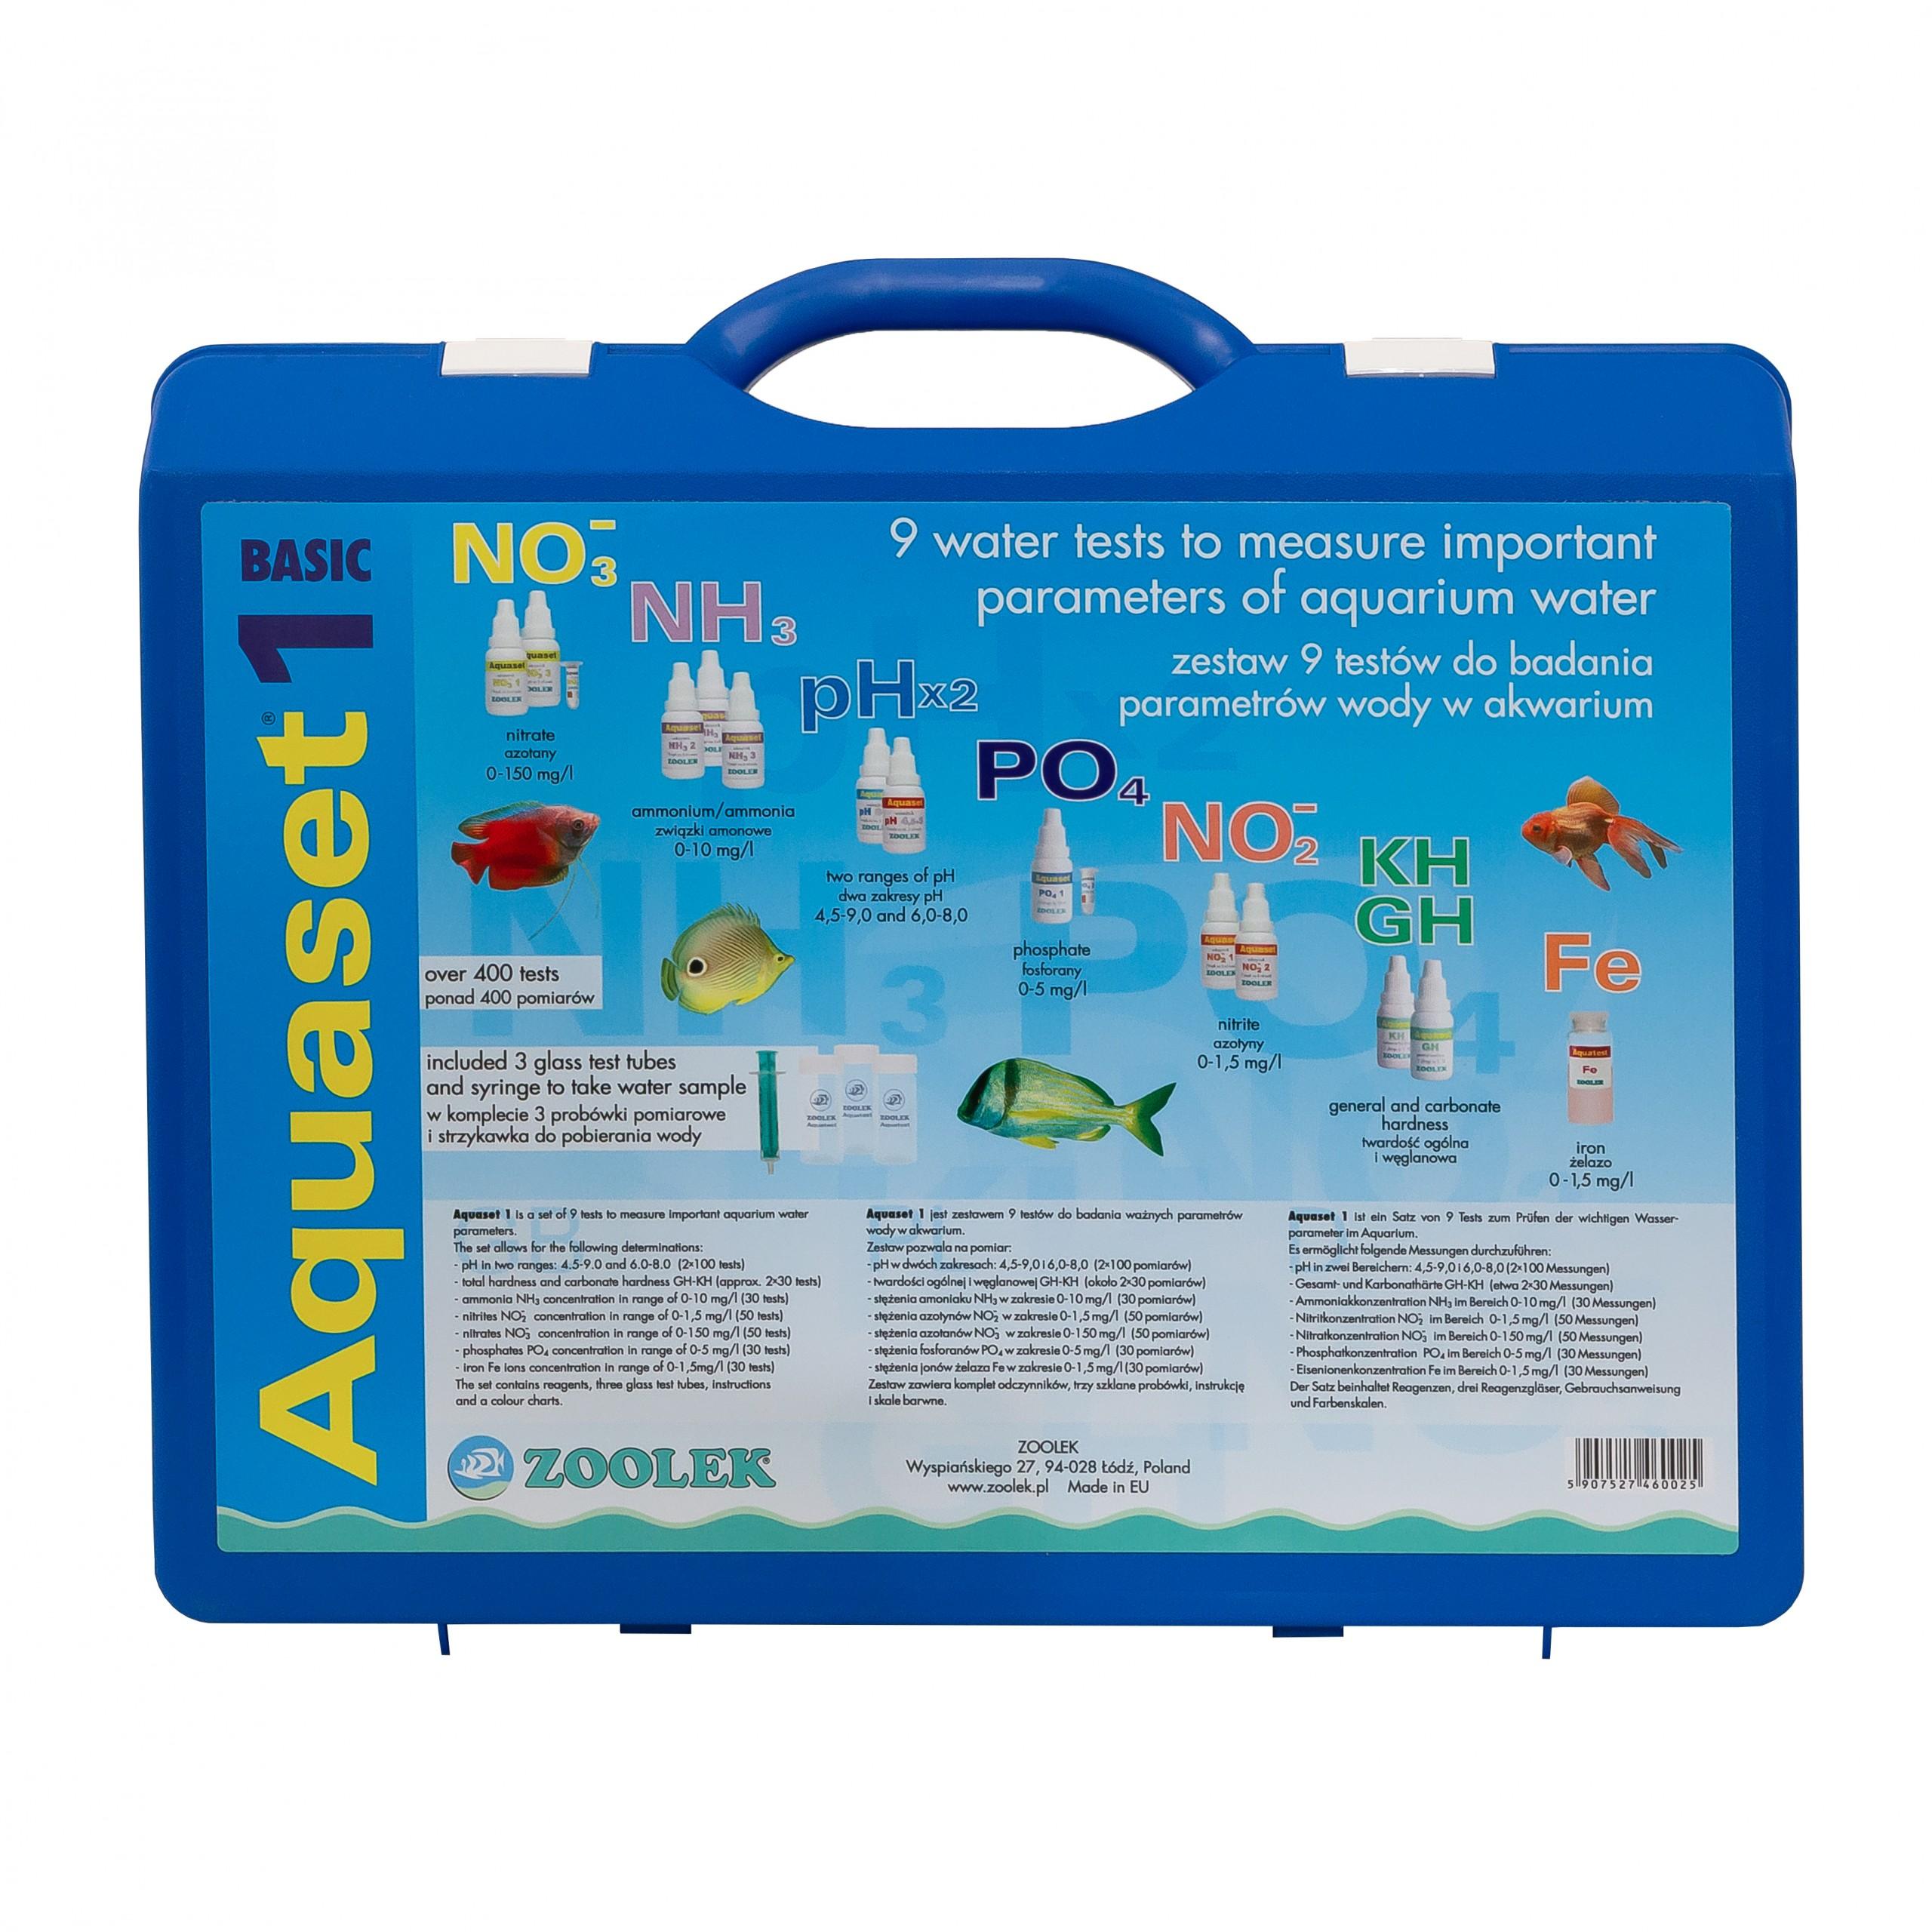 Aquaset 1 – zestaw testów wody